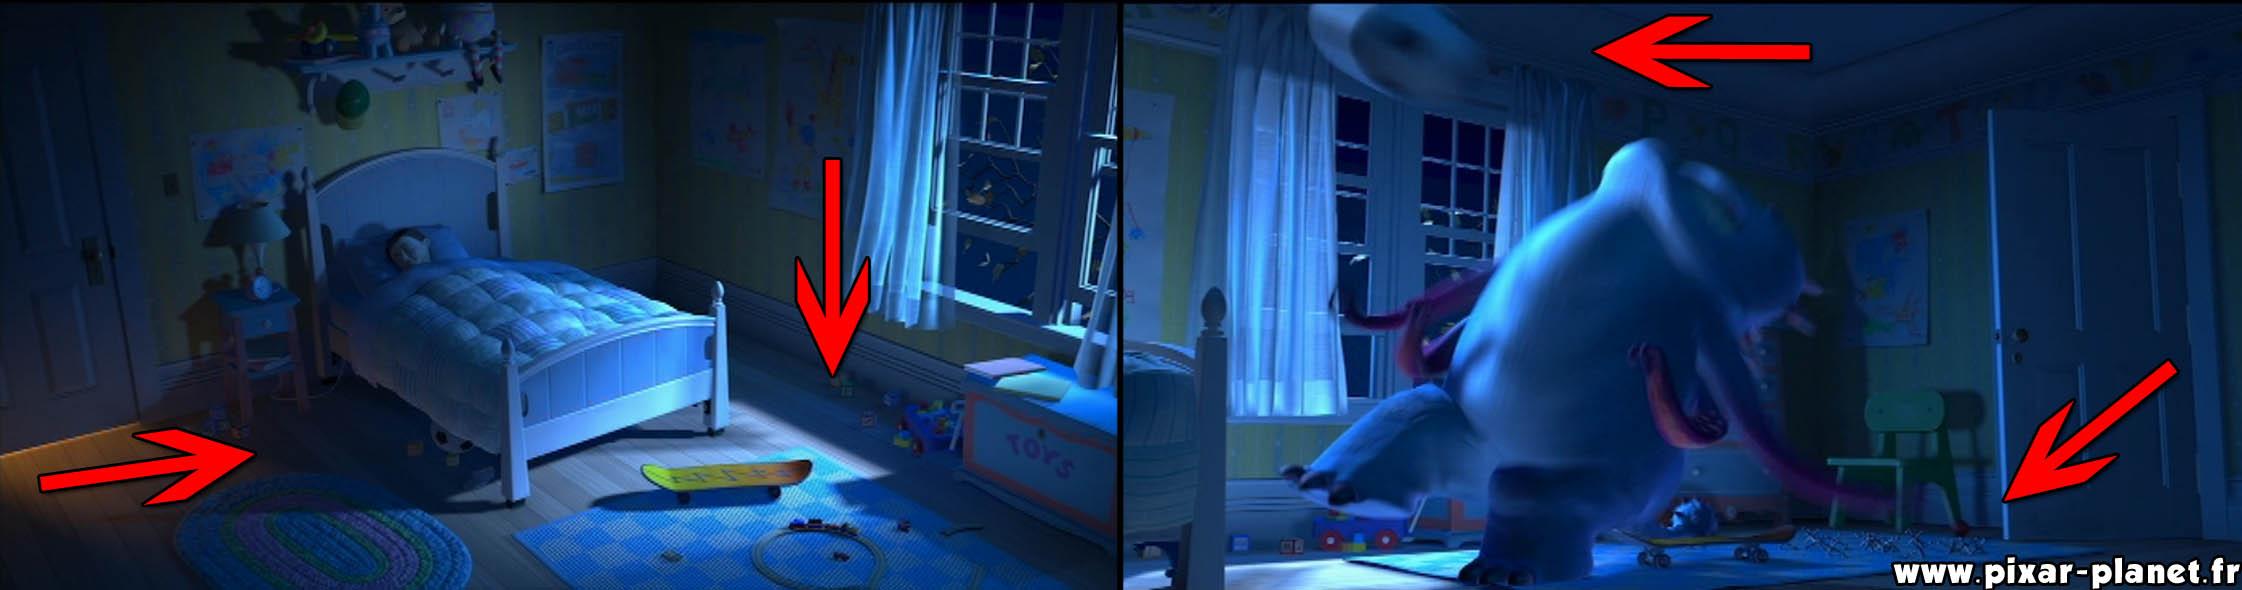 les faux raccords dans monstres cie pixar planet fr. Black Bedroom Furniture Sets. Home Design Ideas